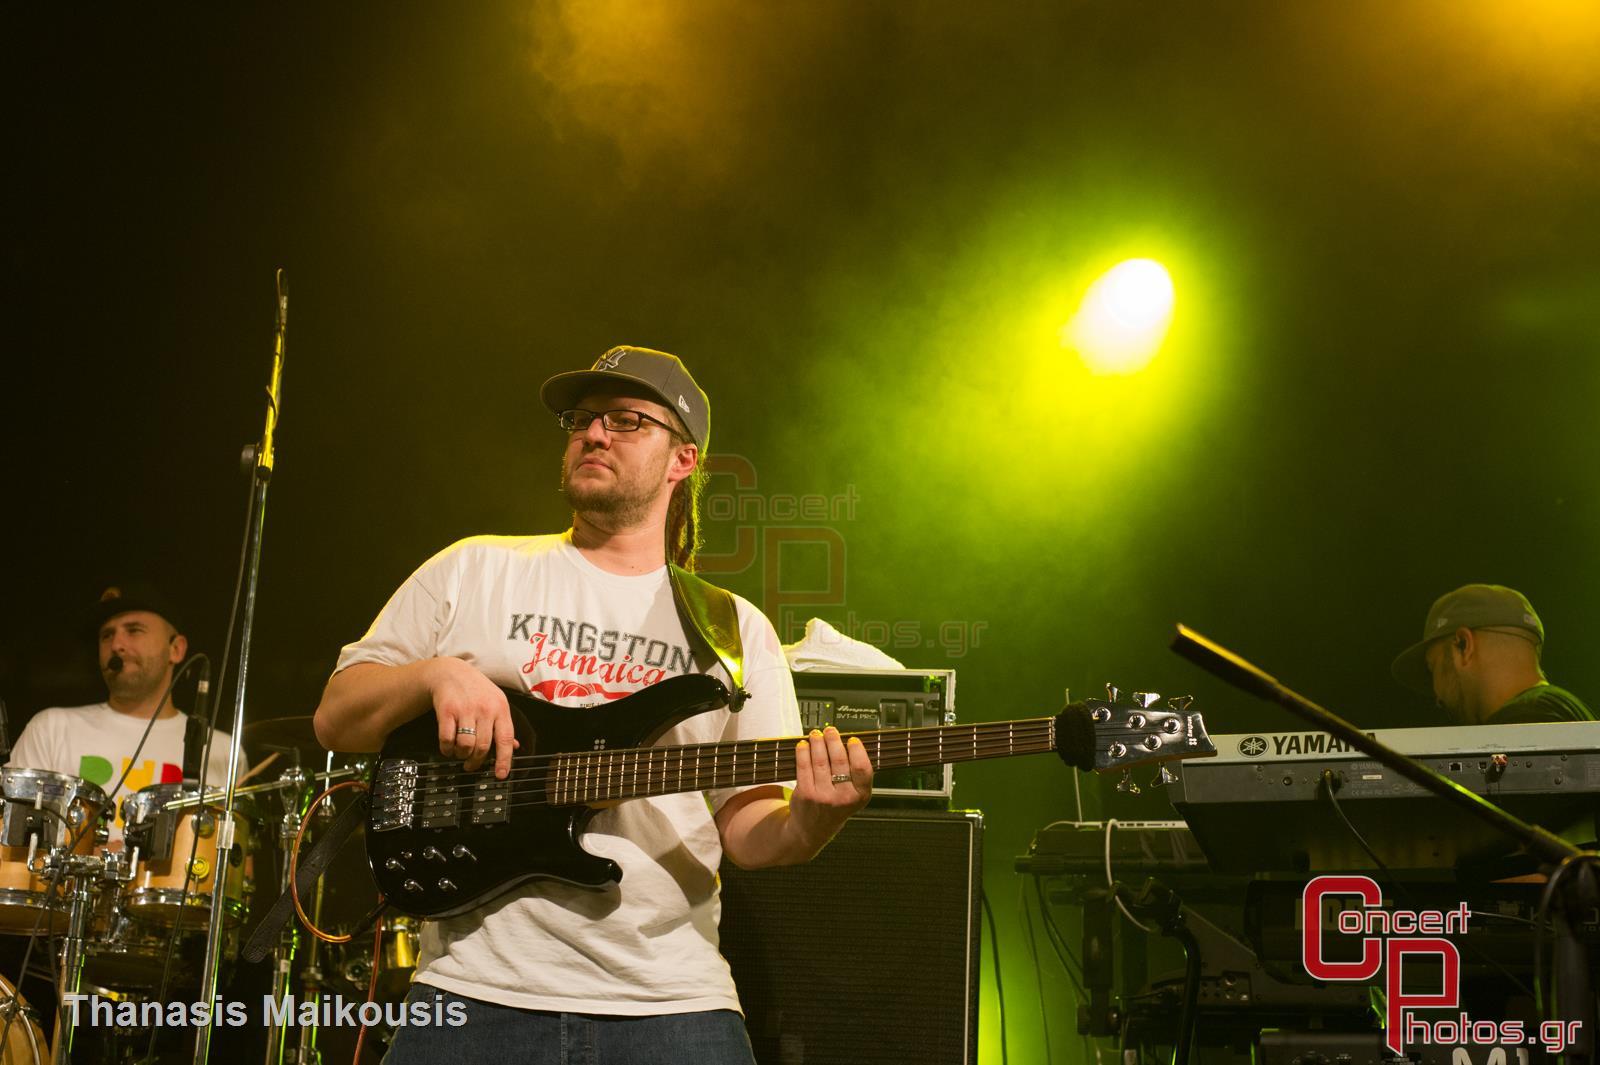 Dub Inc-Dub Inc photographer: Thanasis Maikousis - concertphotos_-5446